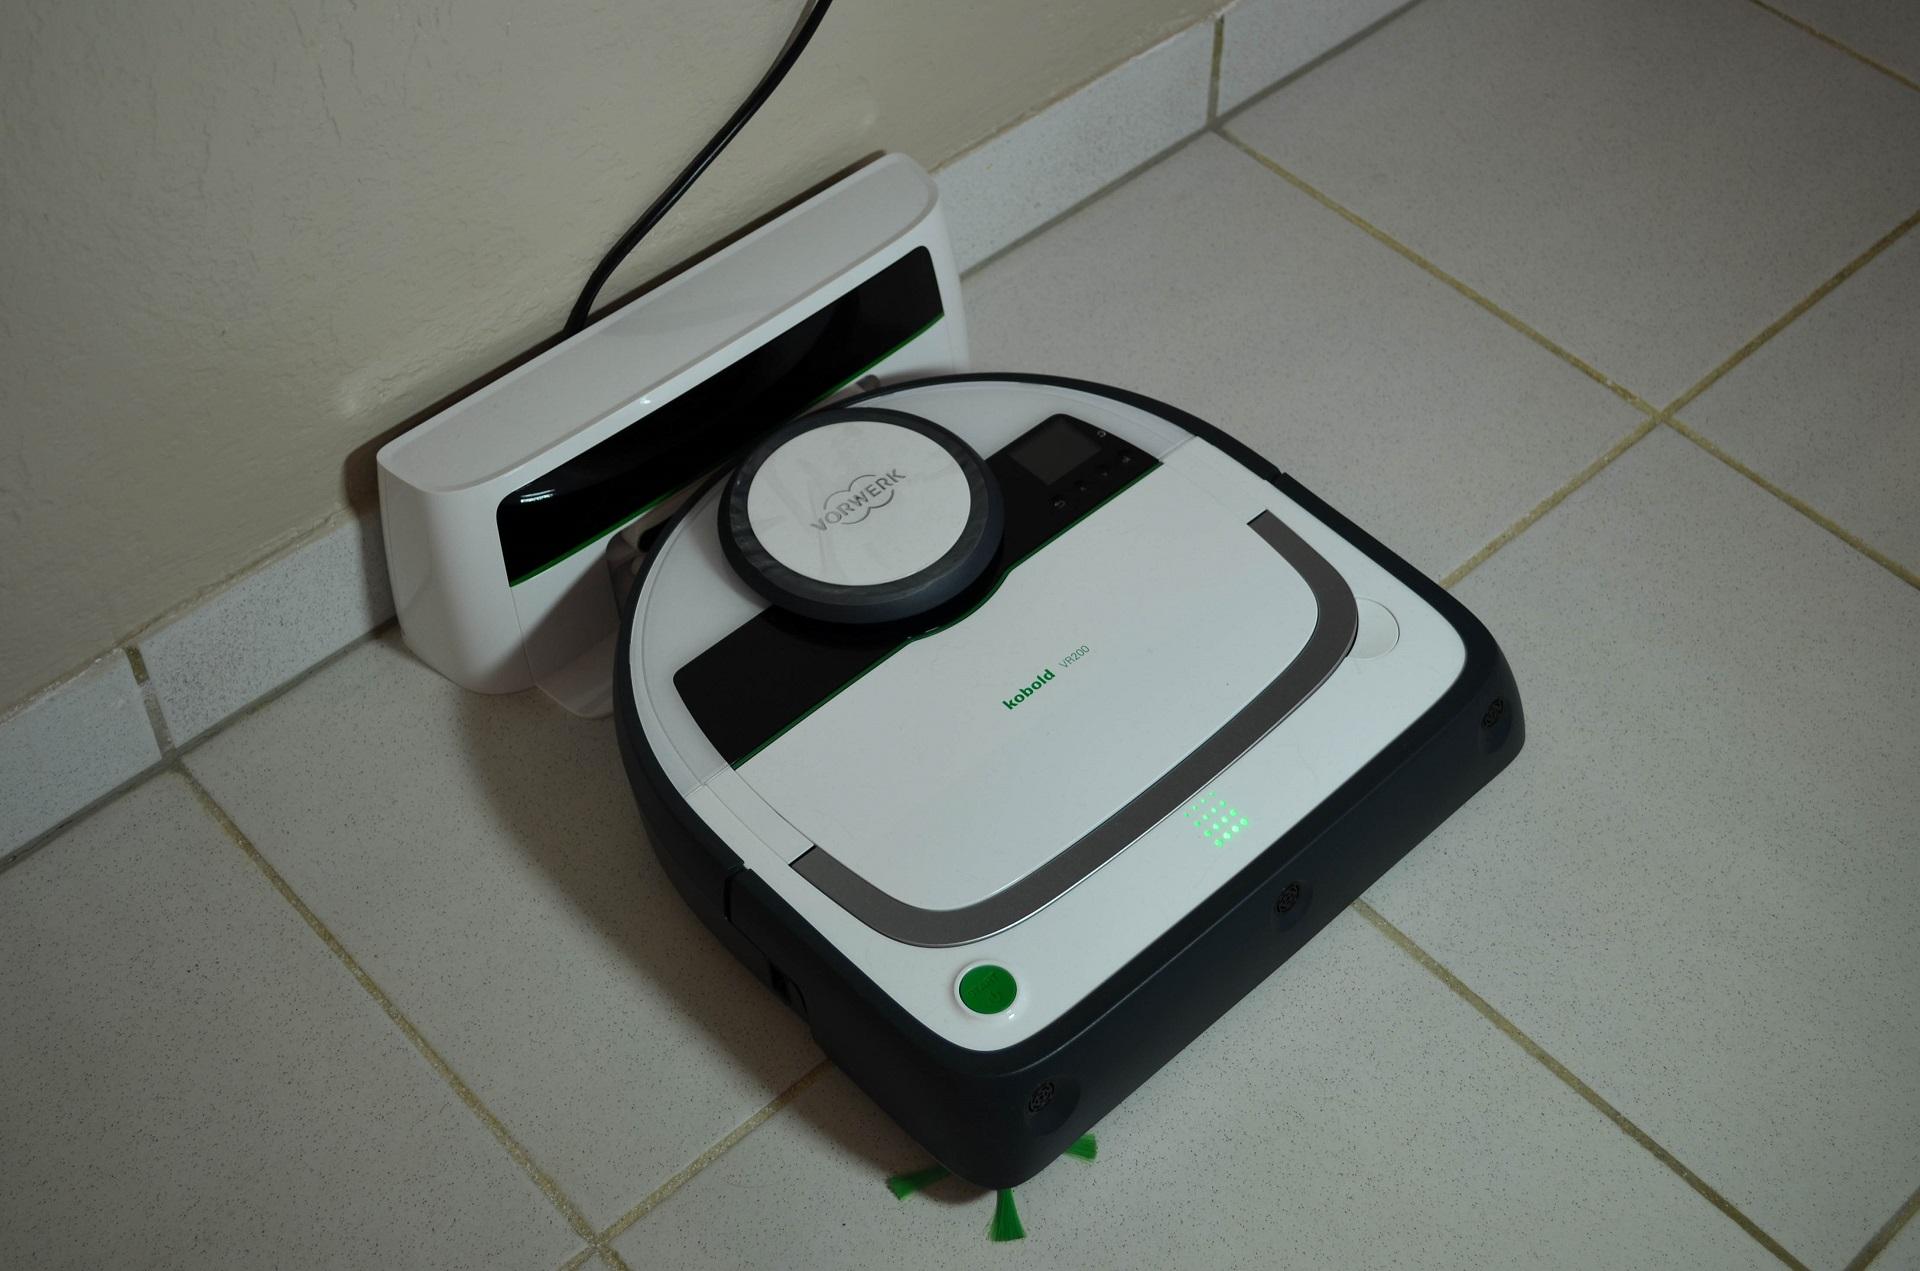 le caf du geek concours un robot aspirateur vorwerk kobold vr200 gagner 699 lcdg. Black Bedroom Furniture Sets. Home Design Ideas